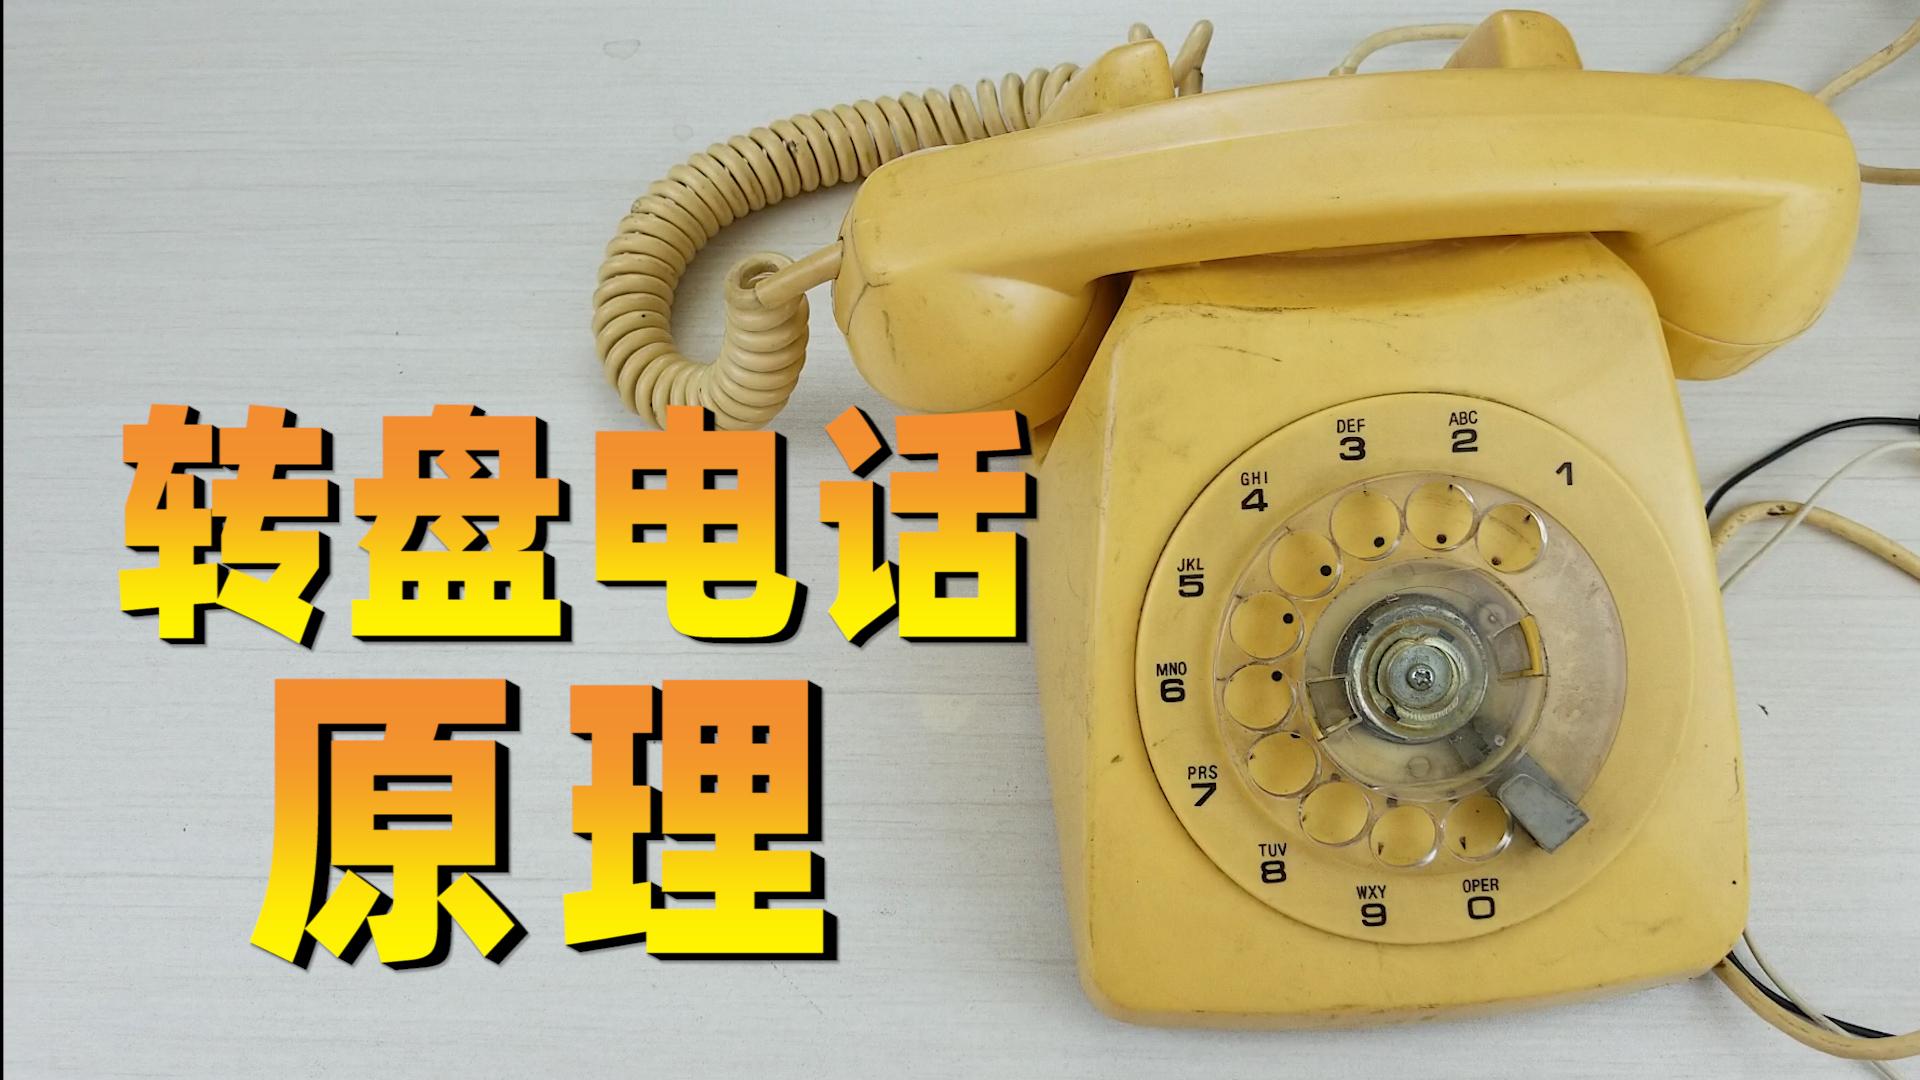 拆解25年前的转盘电话,看看脉冲拨号的原理是什么